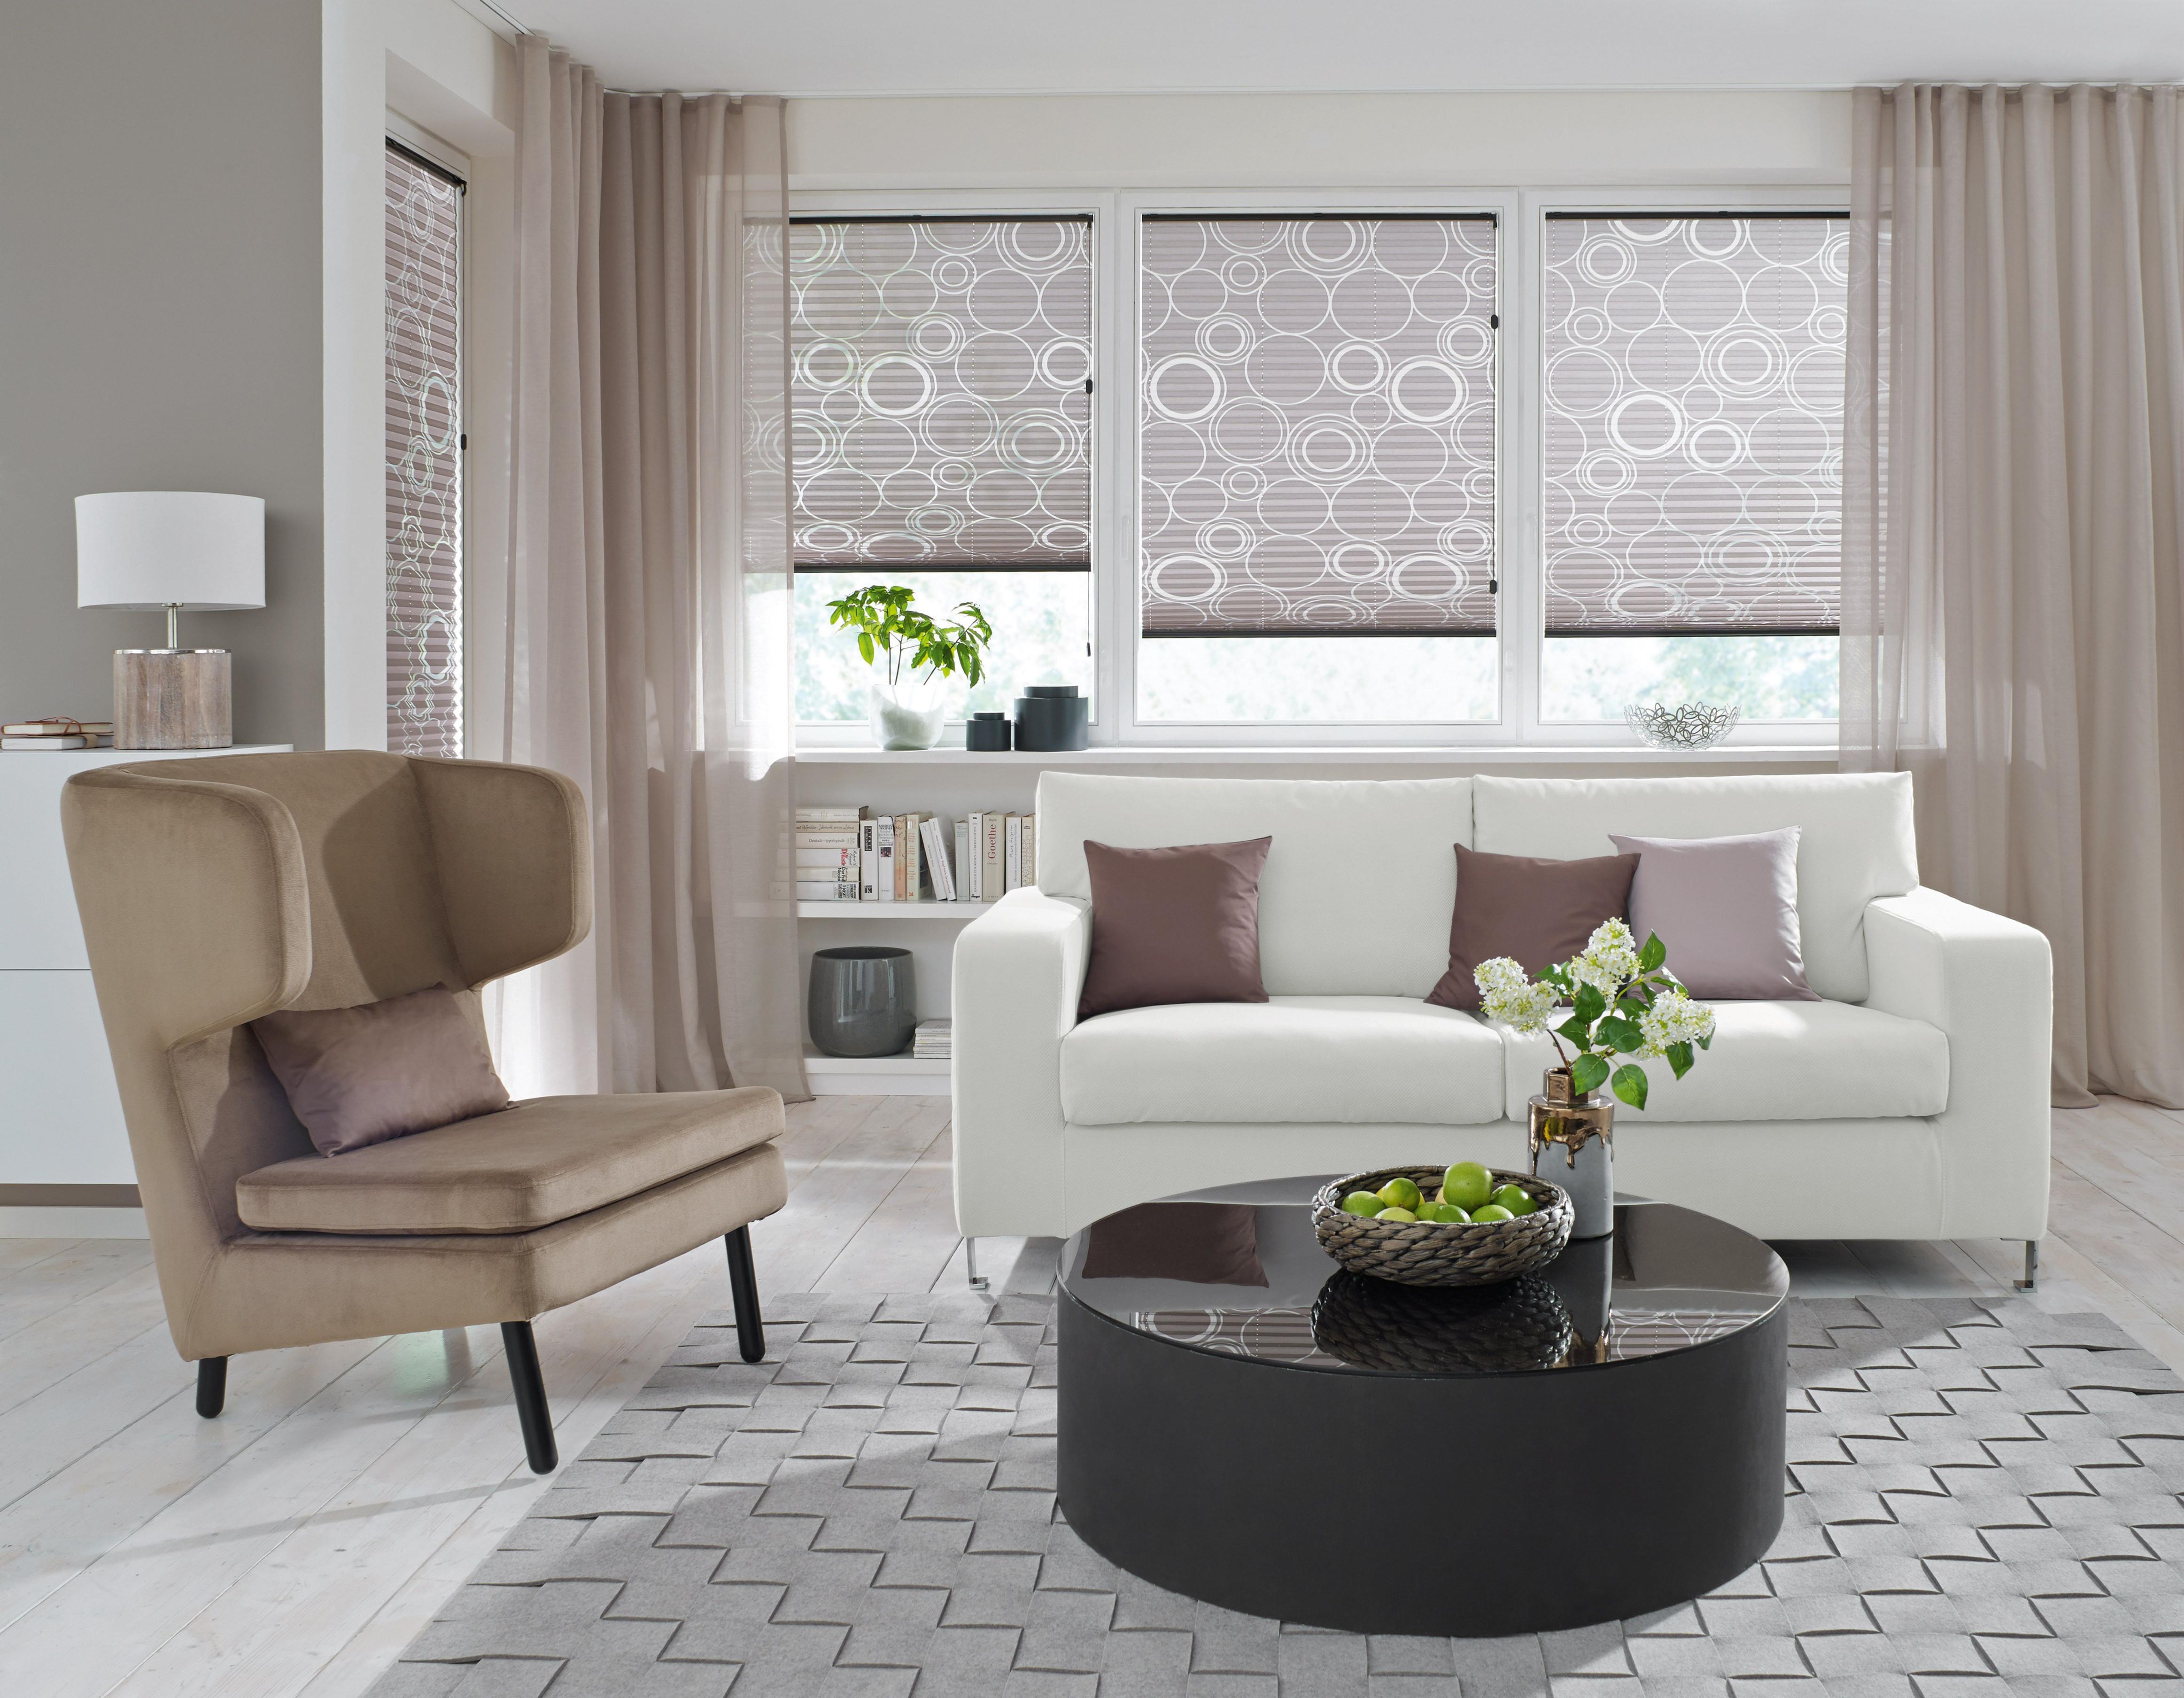 Vorhang Ideen Für Jeden Raum Im Kreis Lichtenfels Kulmbach von Gardinen Dekorationsvorschläge Wohnzimmer Bild